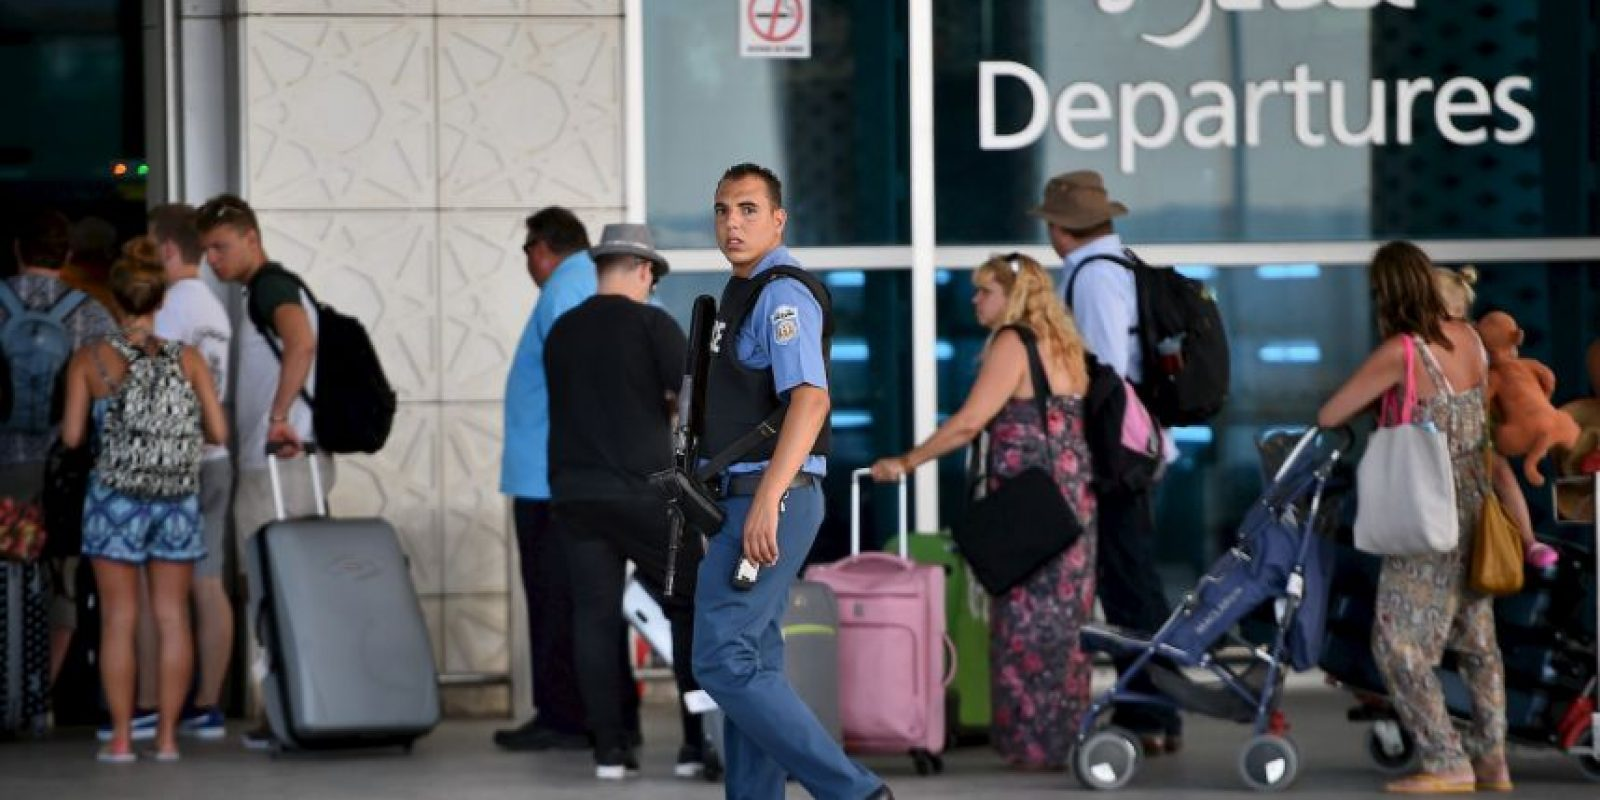 10. El Gobierno no ha revelado la cantidad ni la identidad de estas personas. Foto:Getty Images